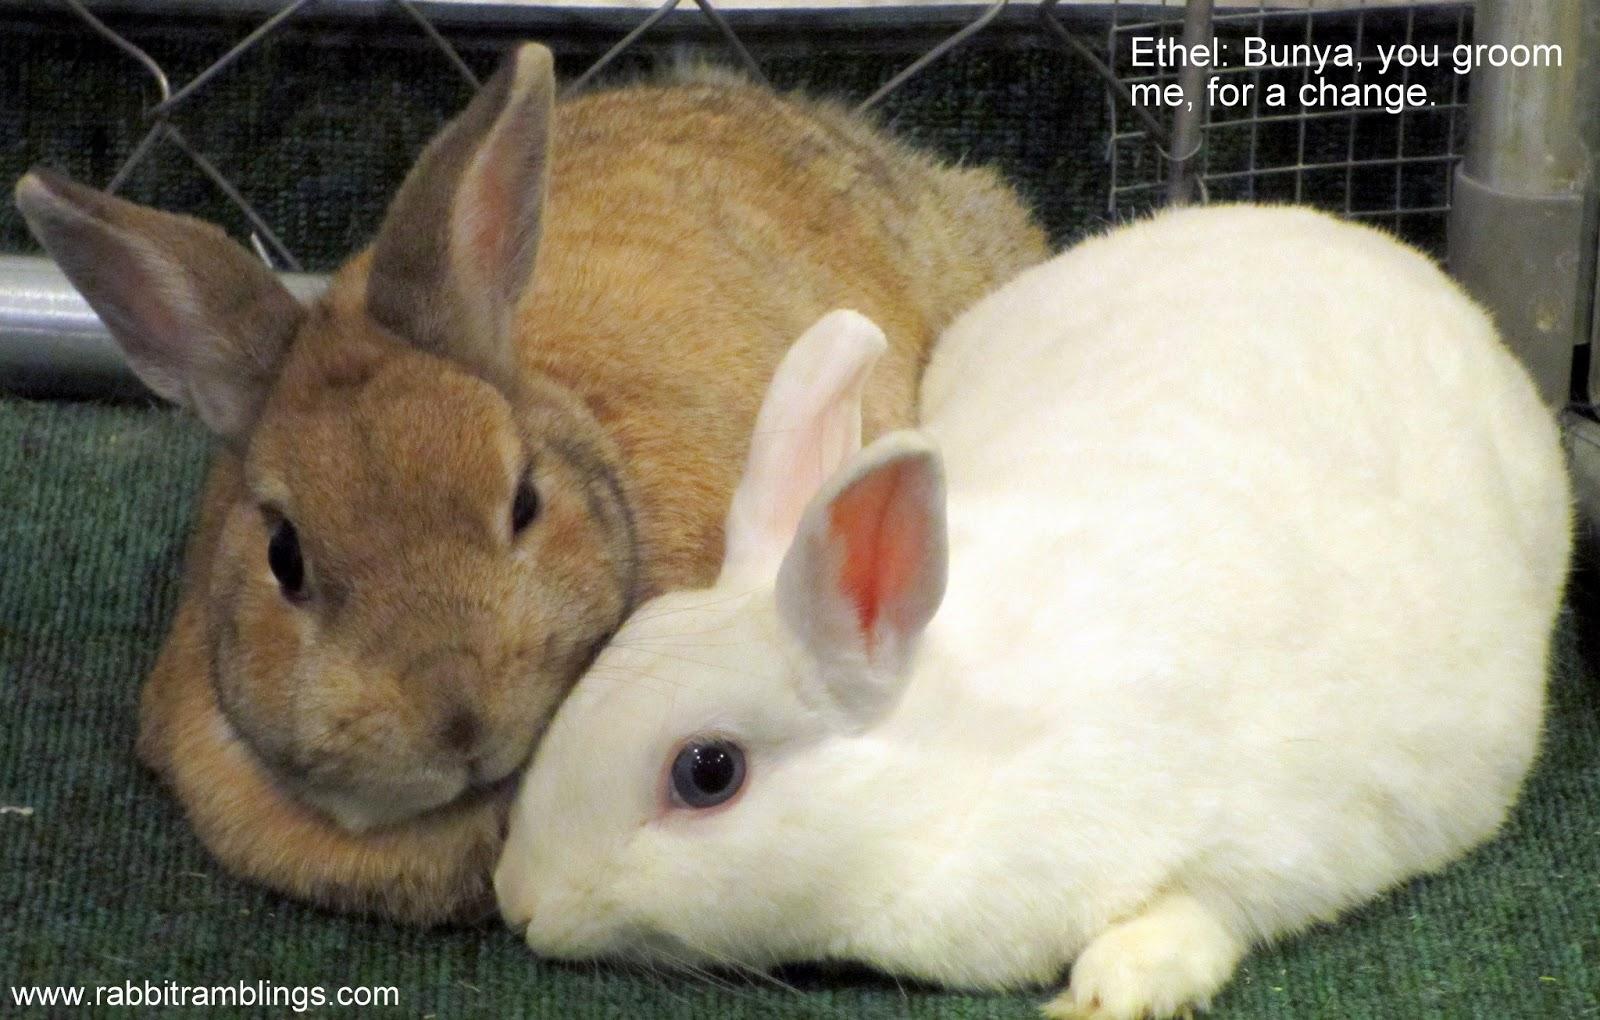 Rabbit Ramblings: RR Funny Bunny Memes